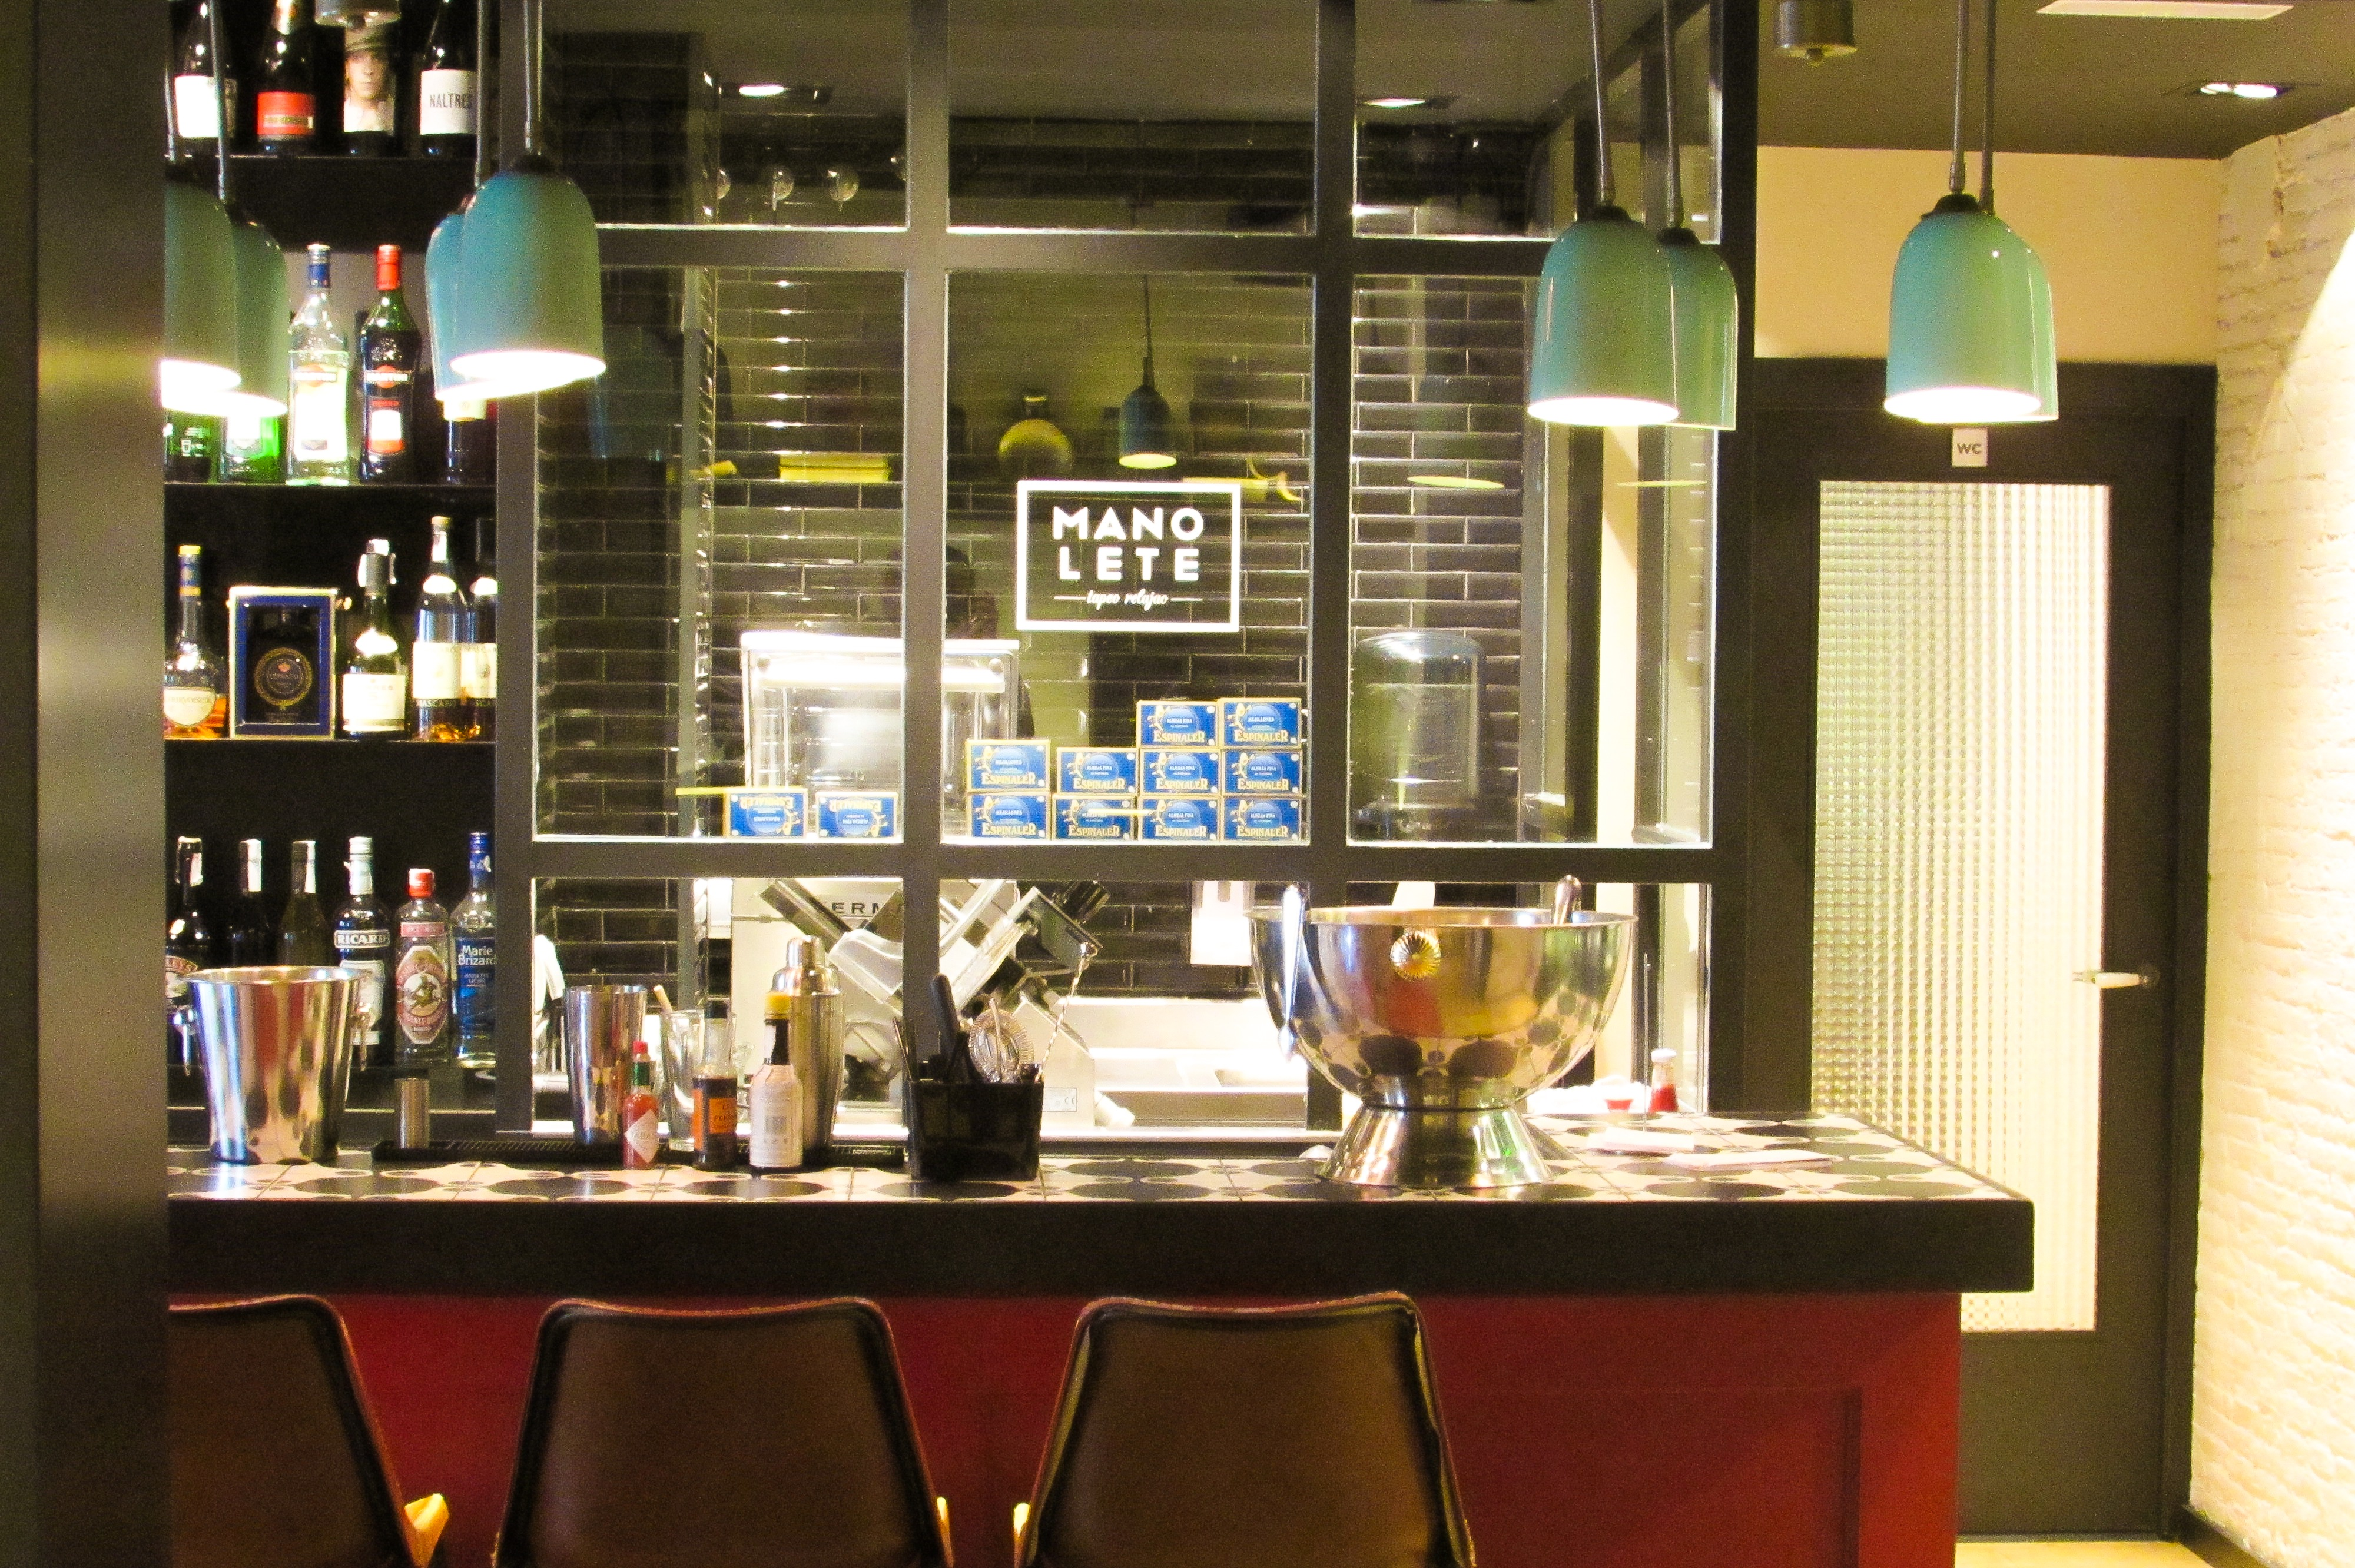 Manolete Mediterranean Tapas Restaurant in BarcelonaManolete Mediterranean Tapas Restaurant in Barcelona